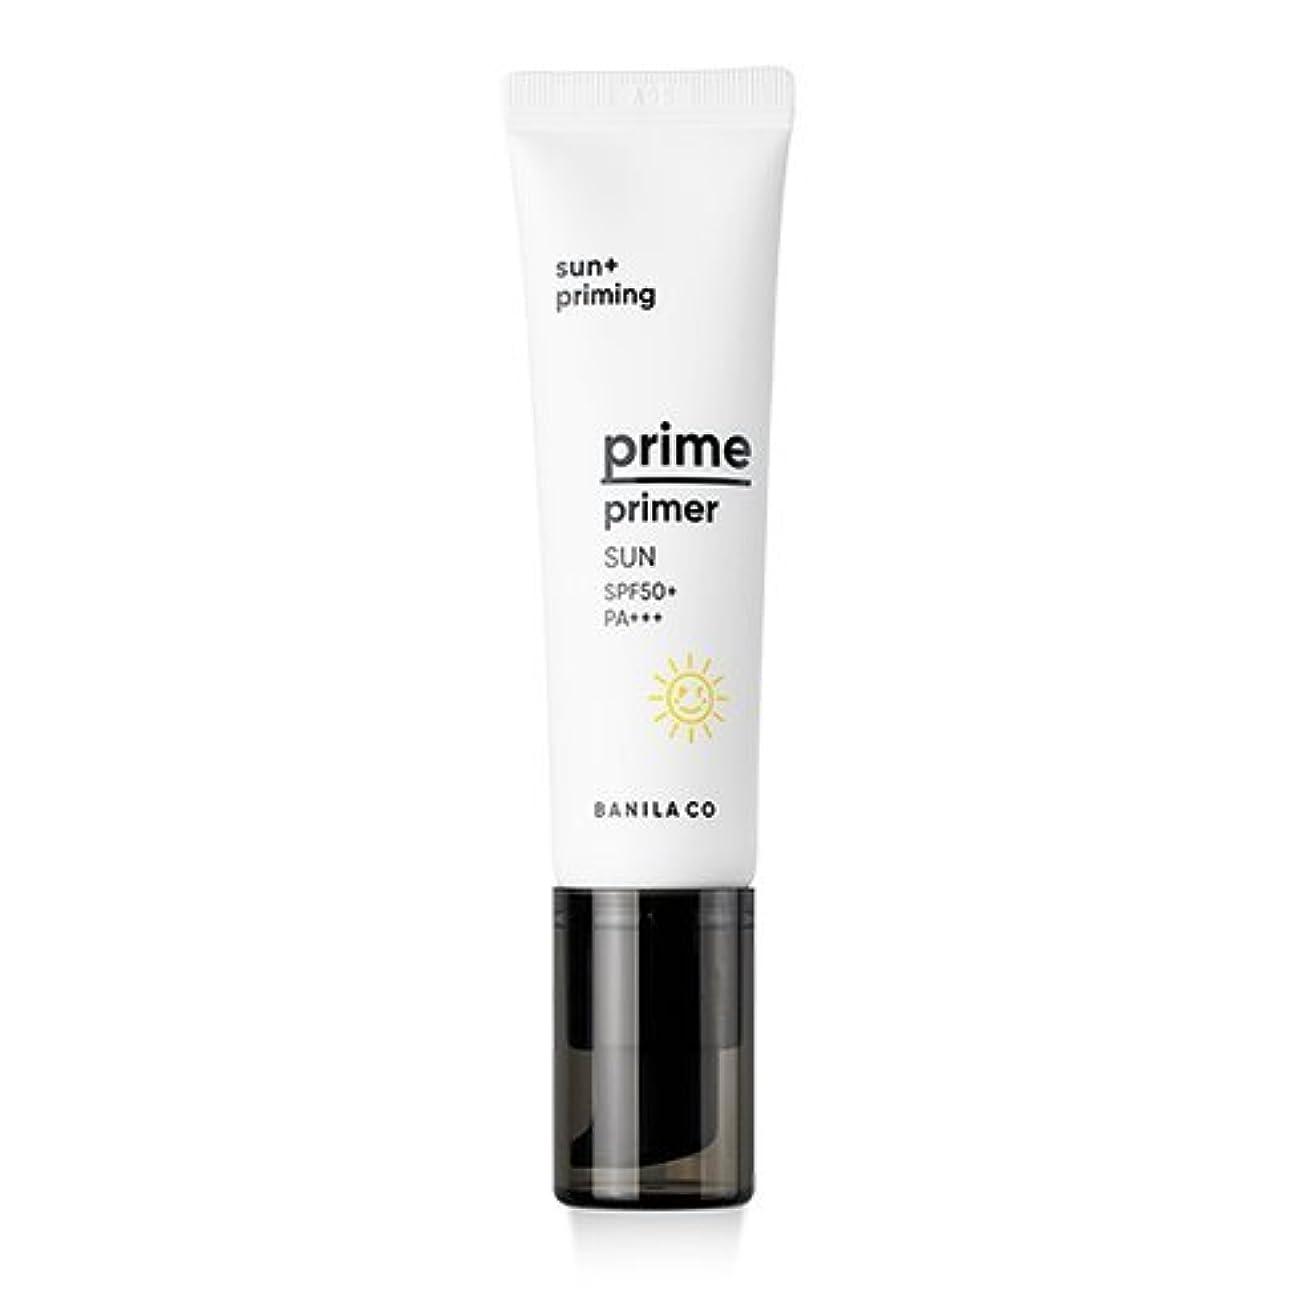 実行明らか平和的[Renewal] BANILA CO Prime Primer Sun 30ml/バニラコ プライム プライマー サン 30ml [並行輸入品]